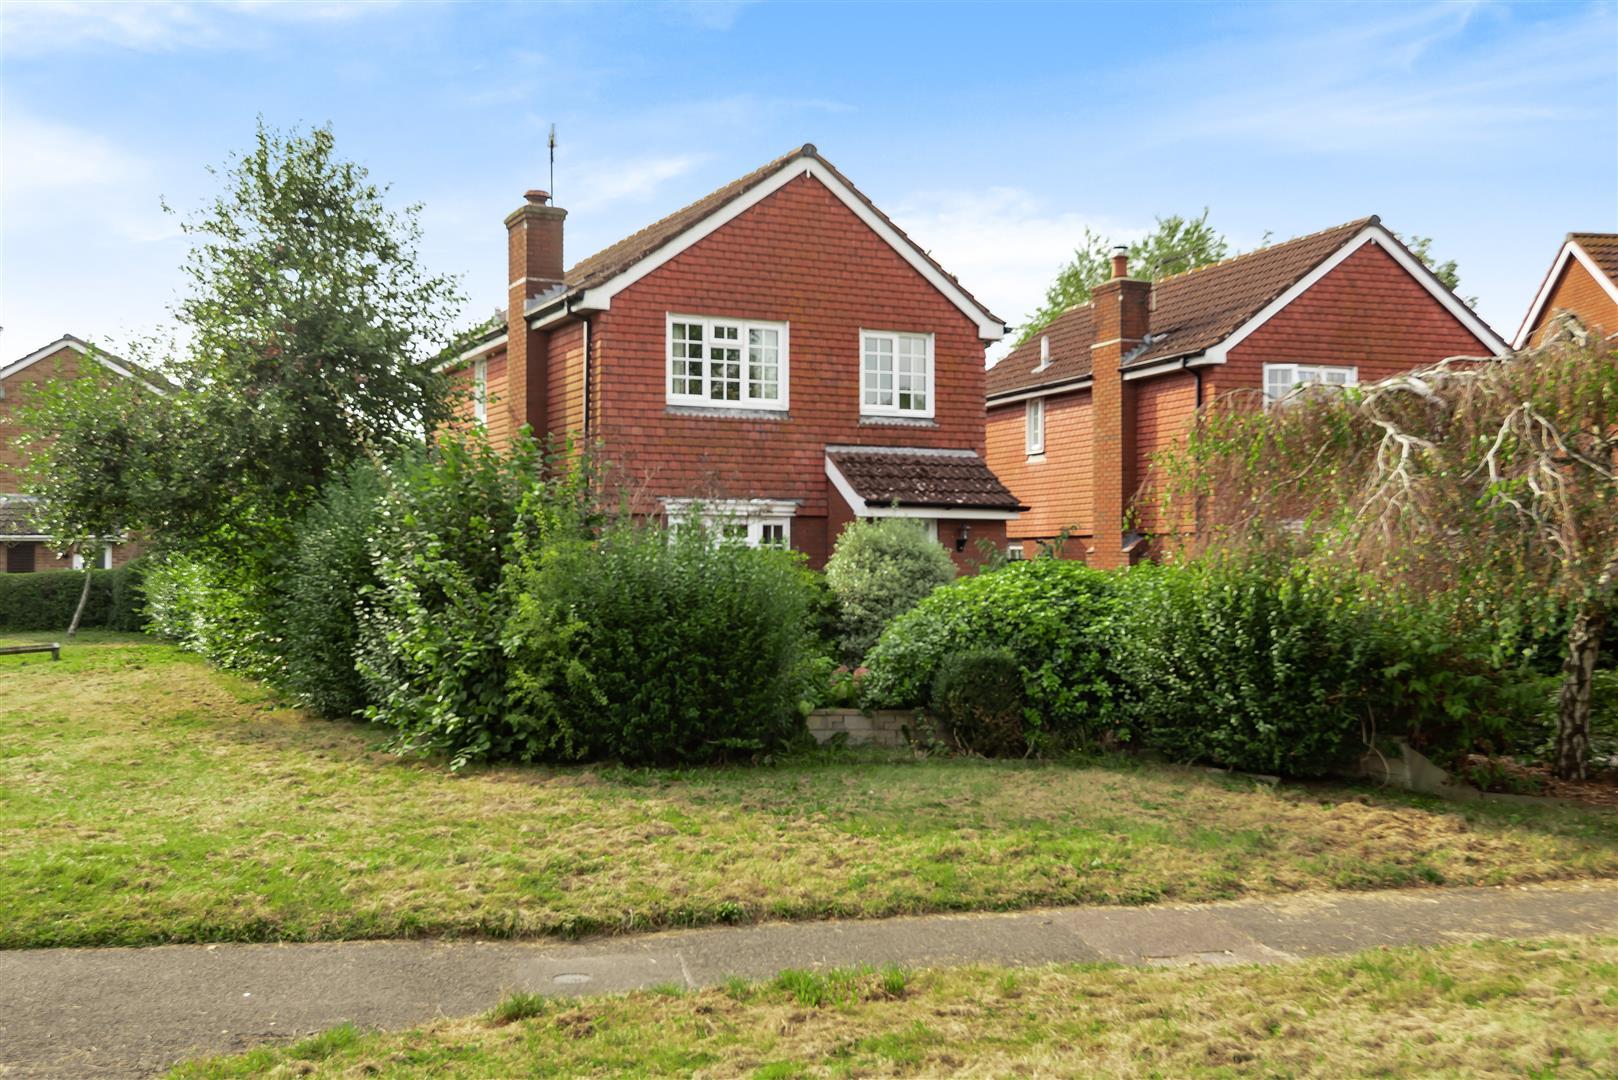 Woodlark Gardens, Petersfield